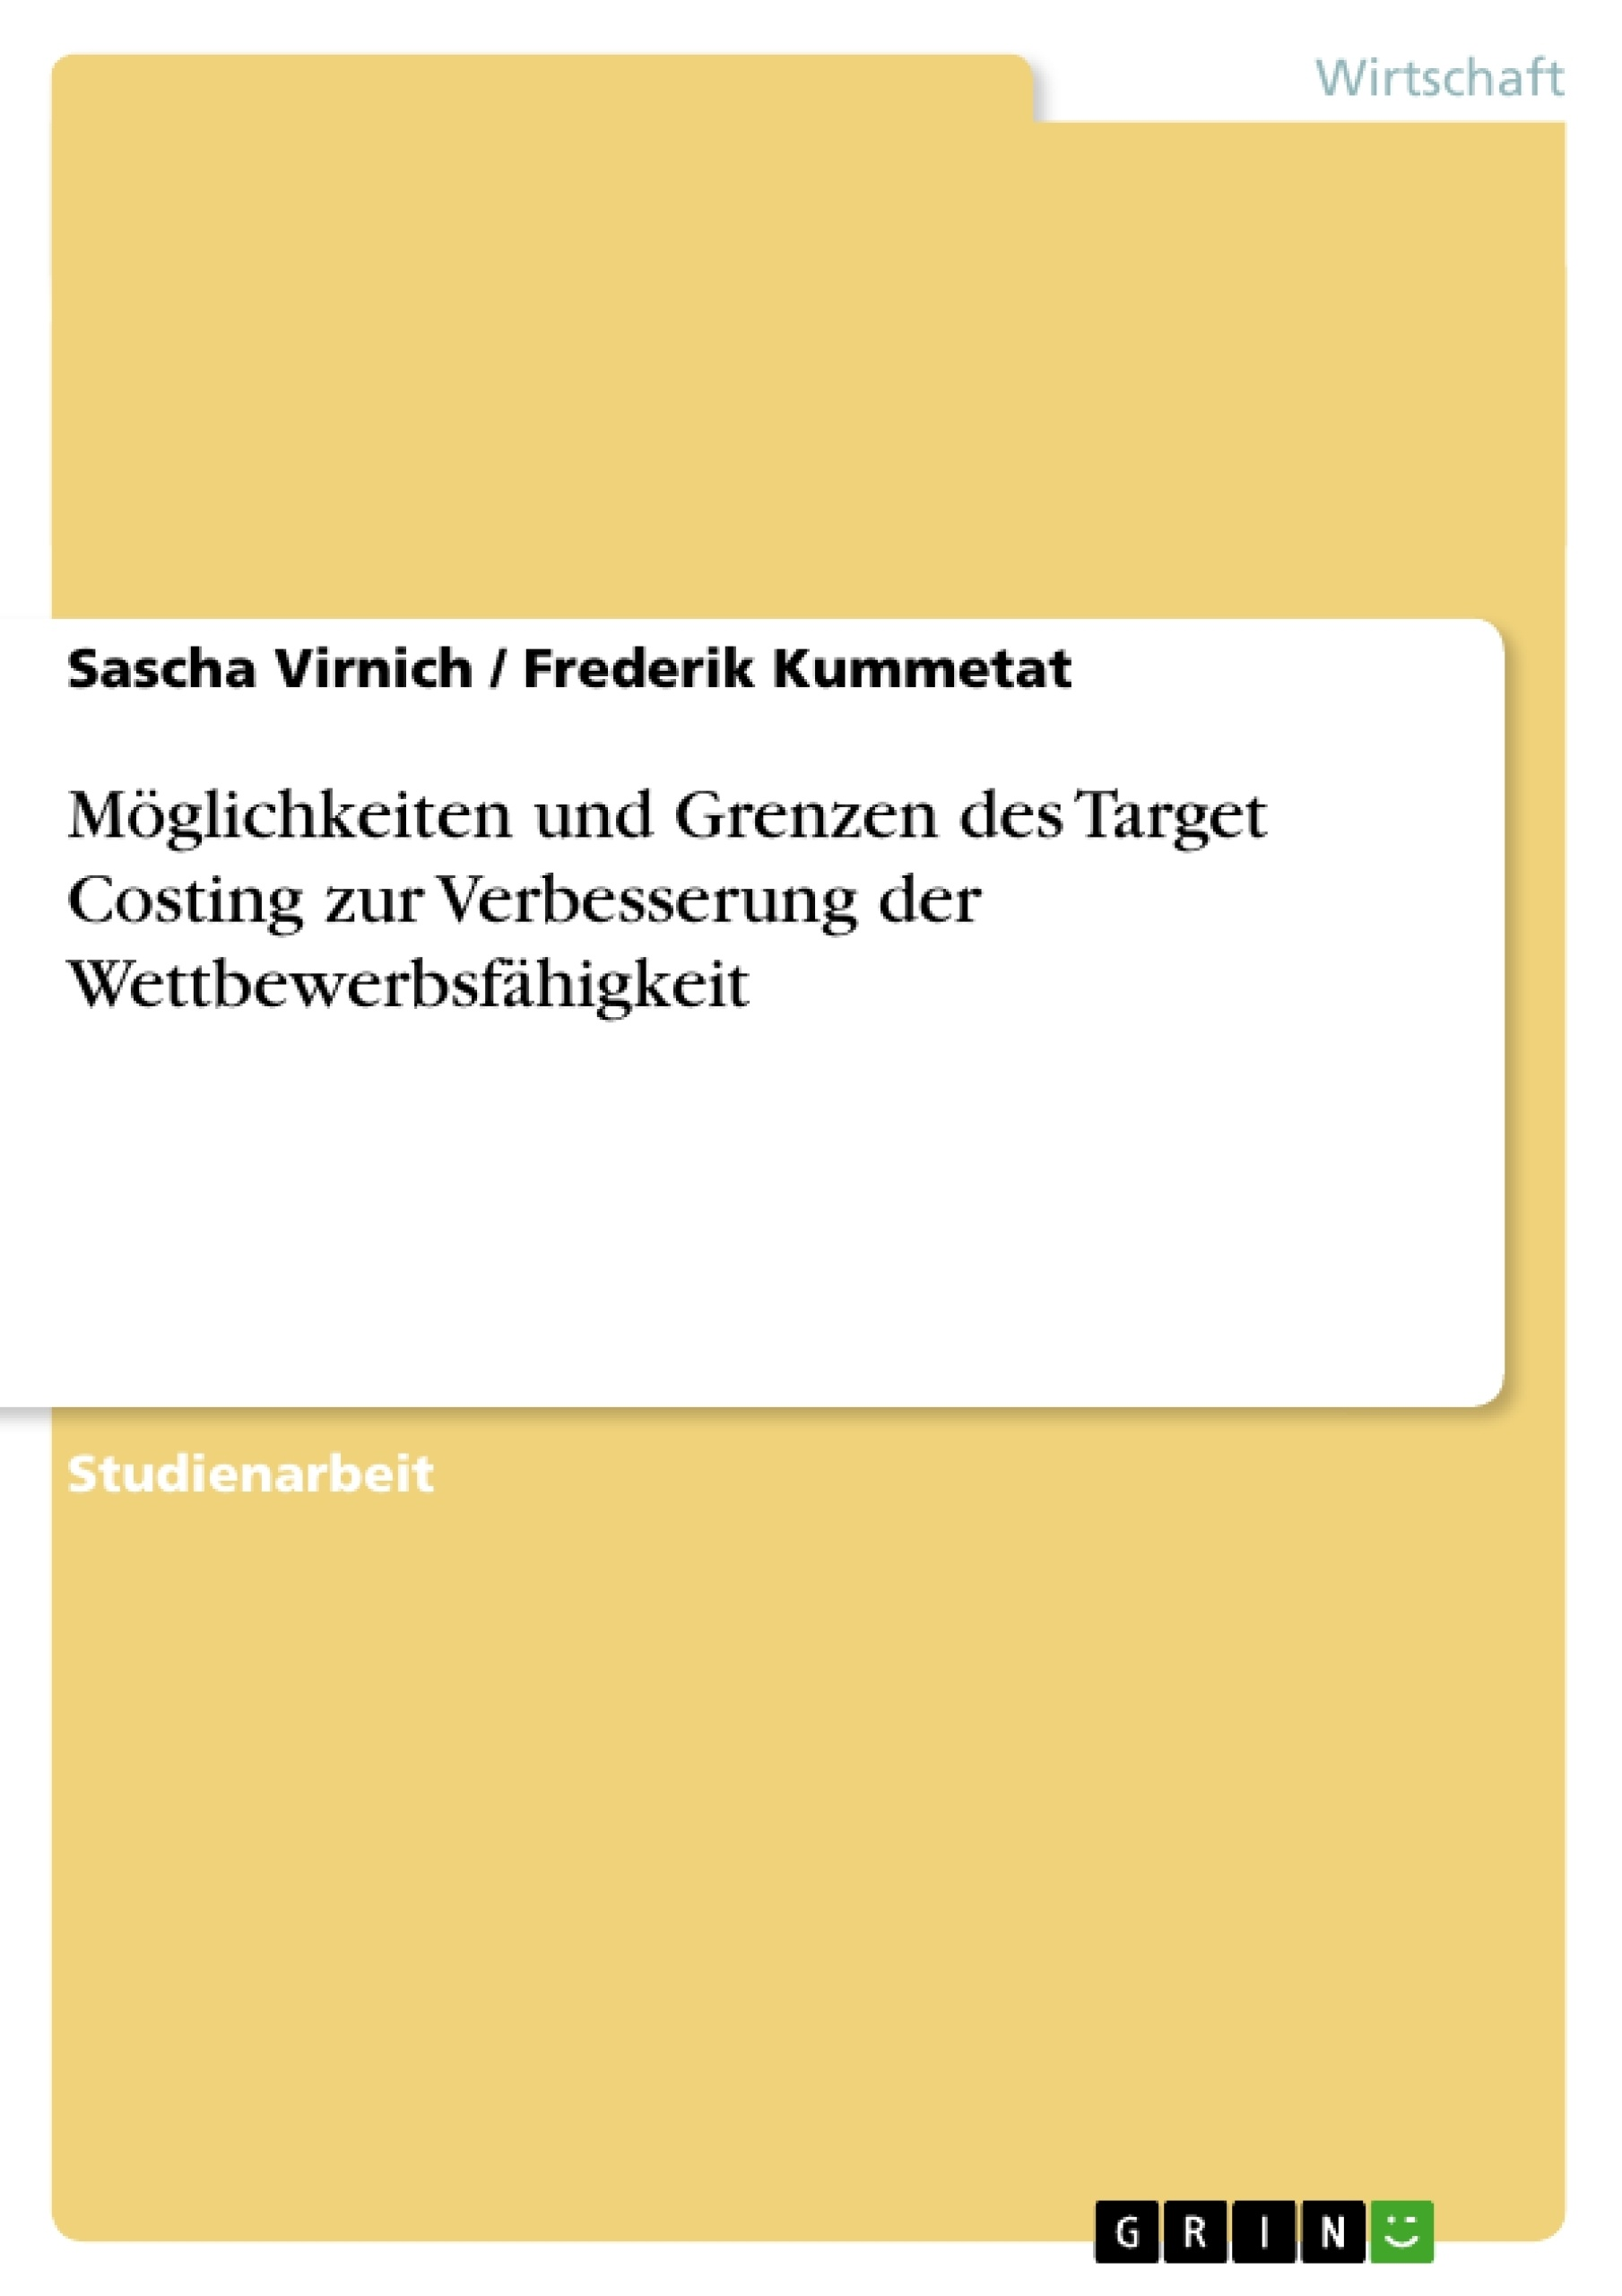 Titel: Möglichkeiten und Grenzen des Target Costing zur Verbesserung der Wettbewerbsfähigkeit